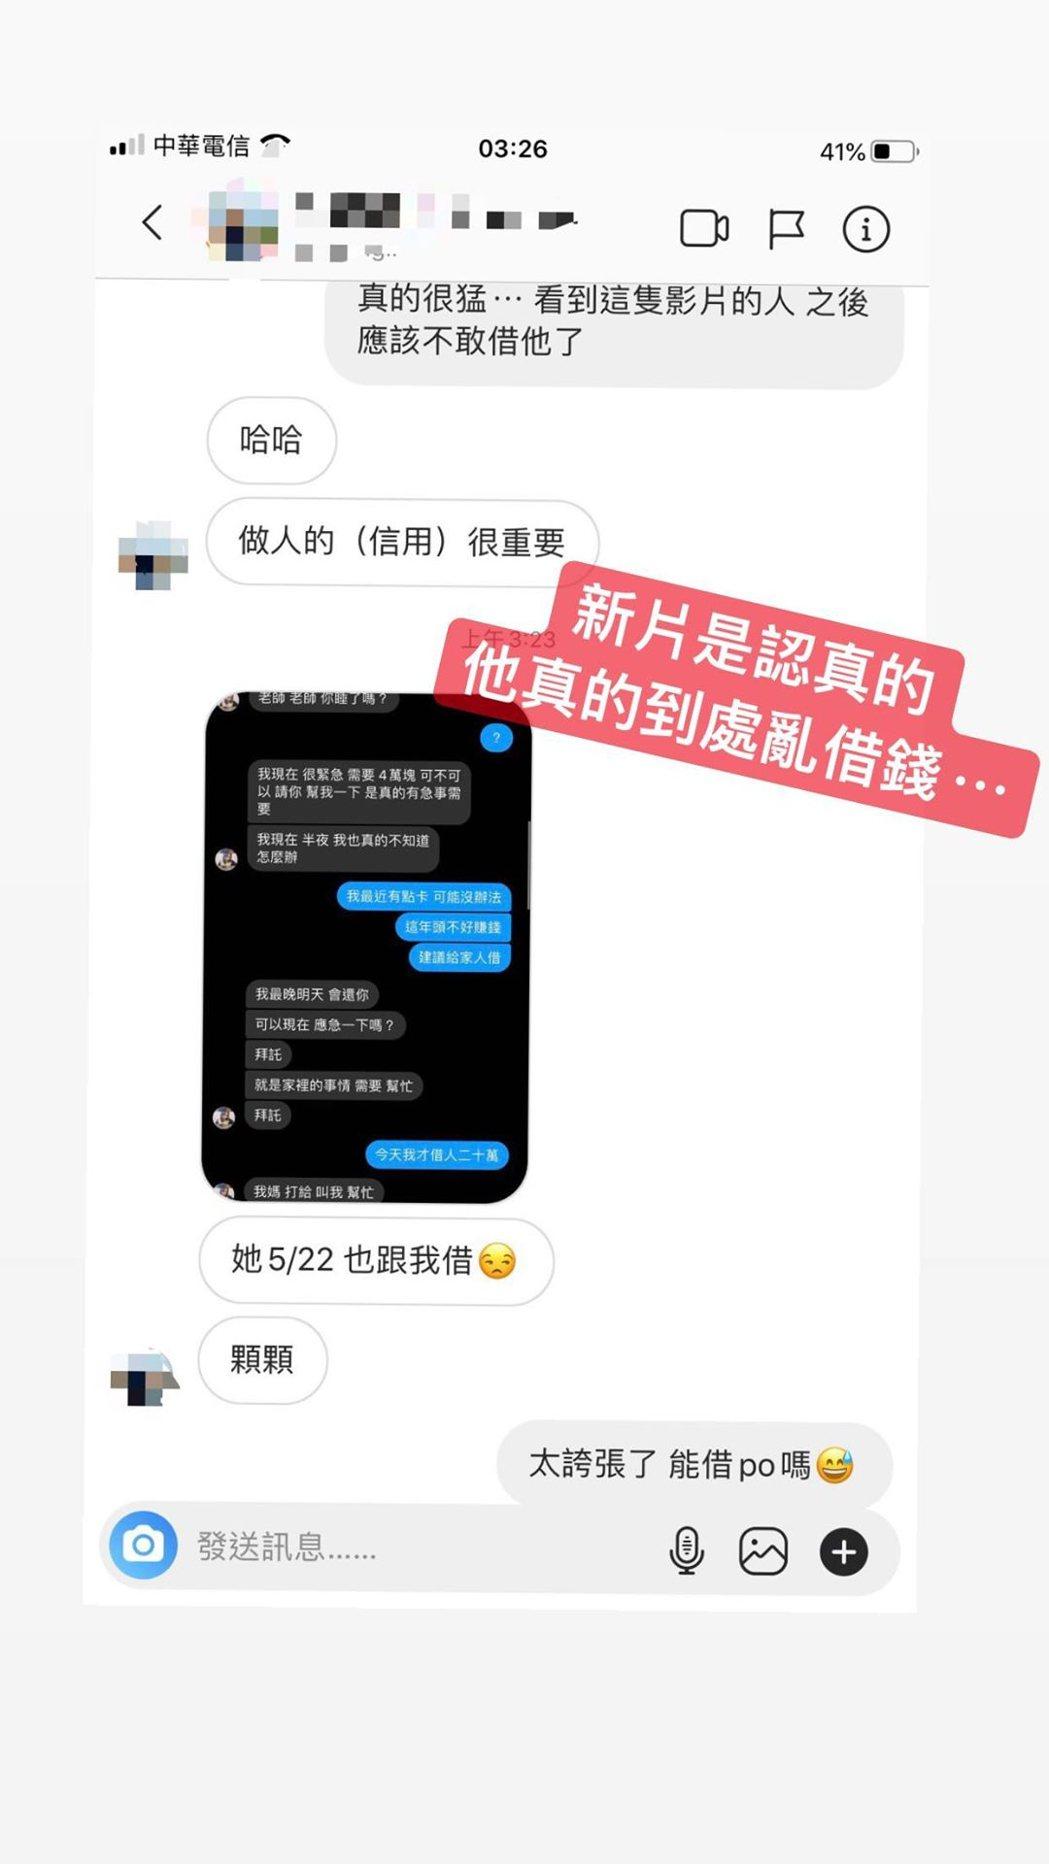 孫安佐在網上曝光討債過程,稱這位同學到處亂借錢 。圖/擷自ig